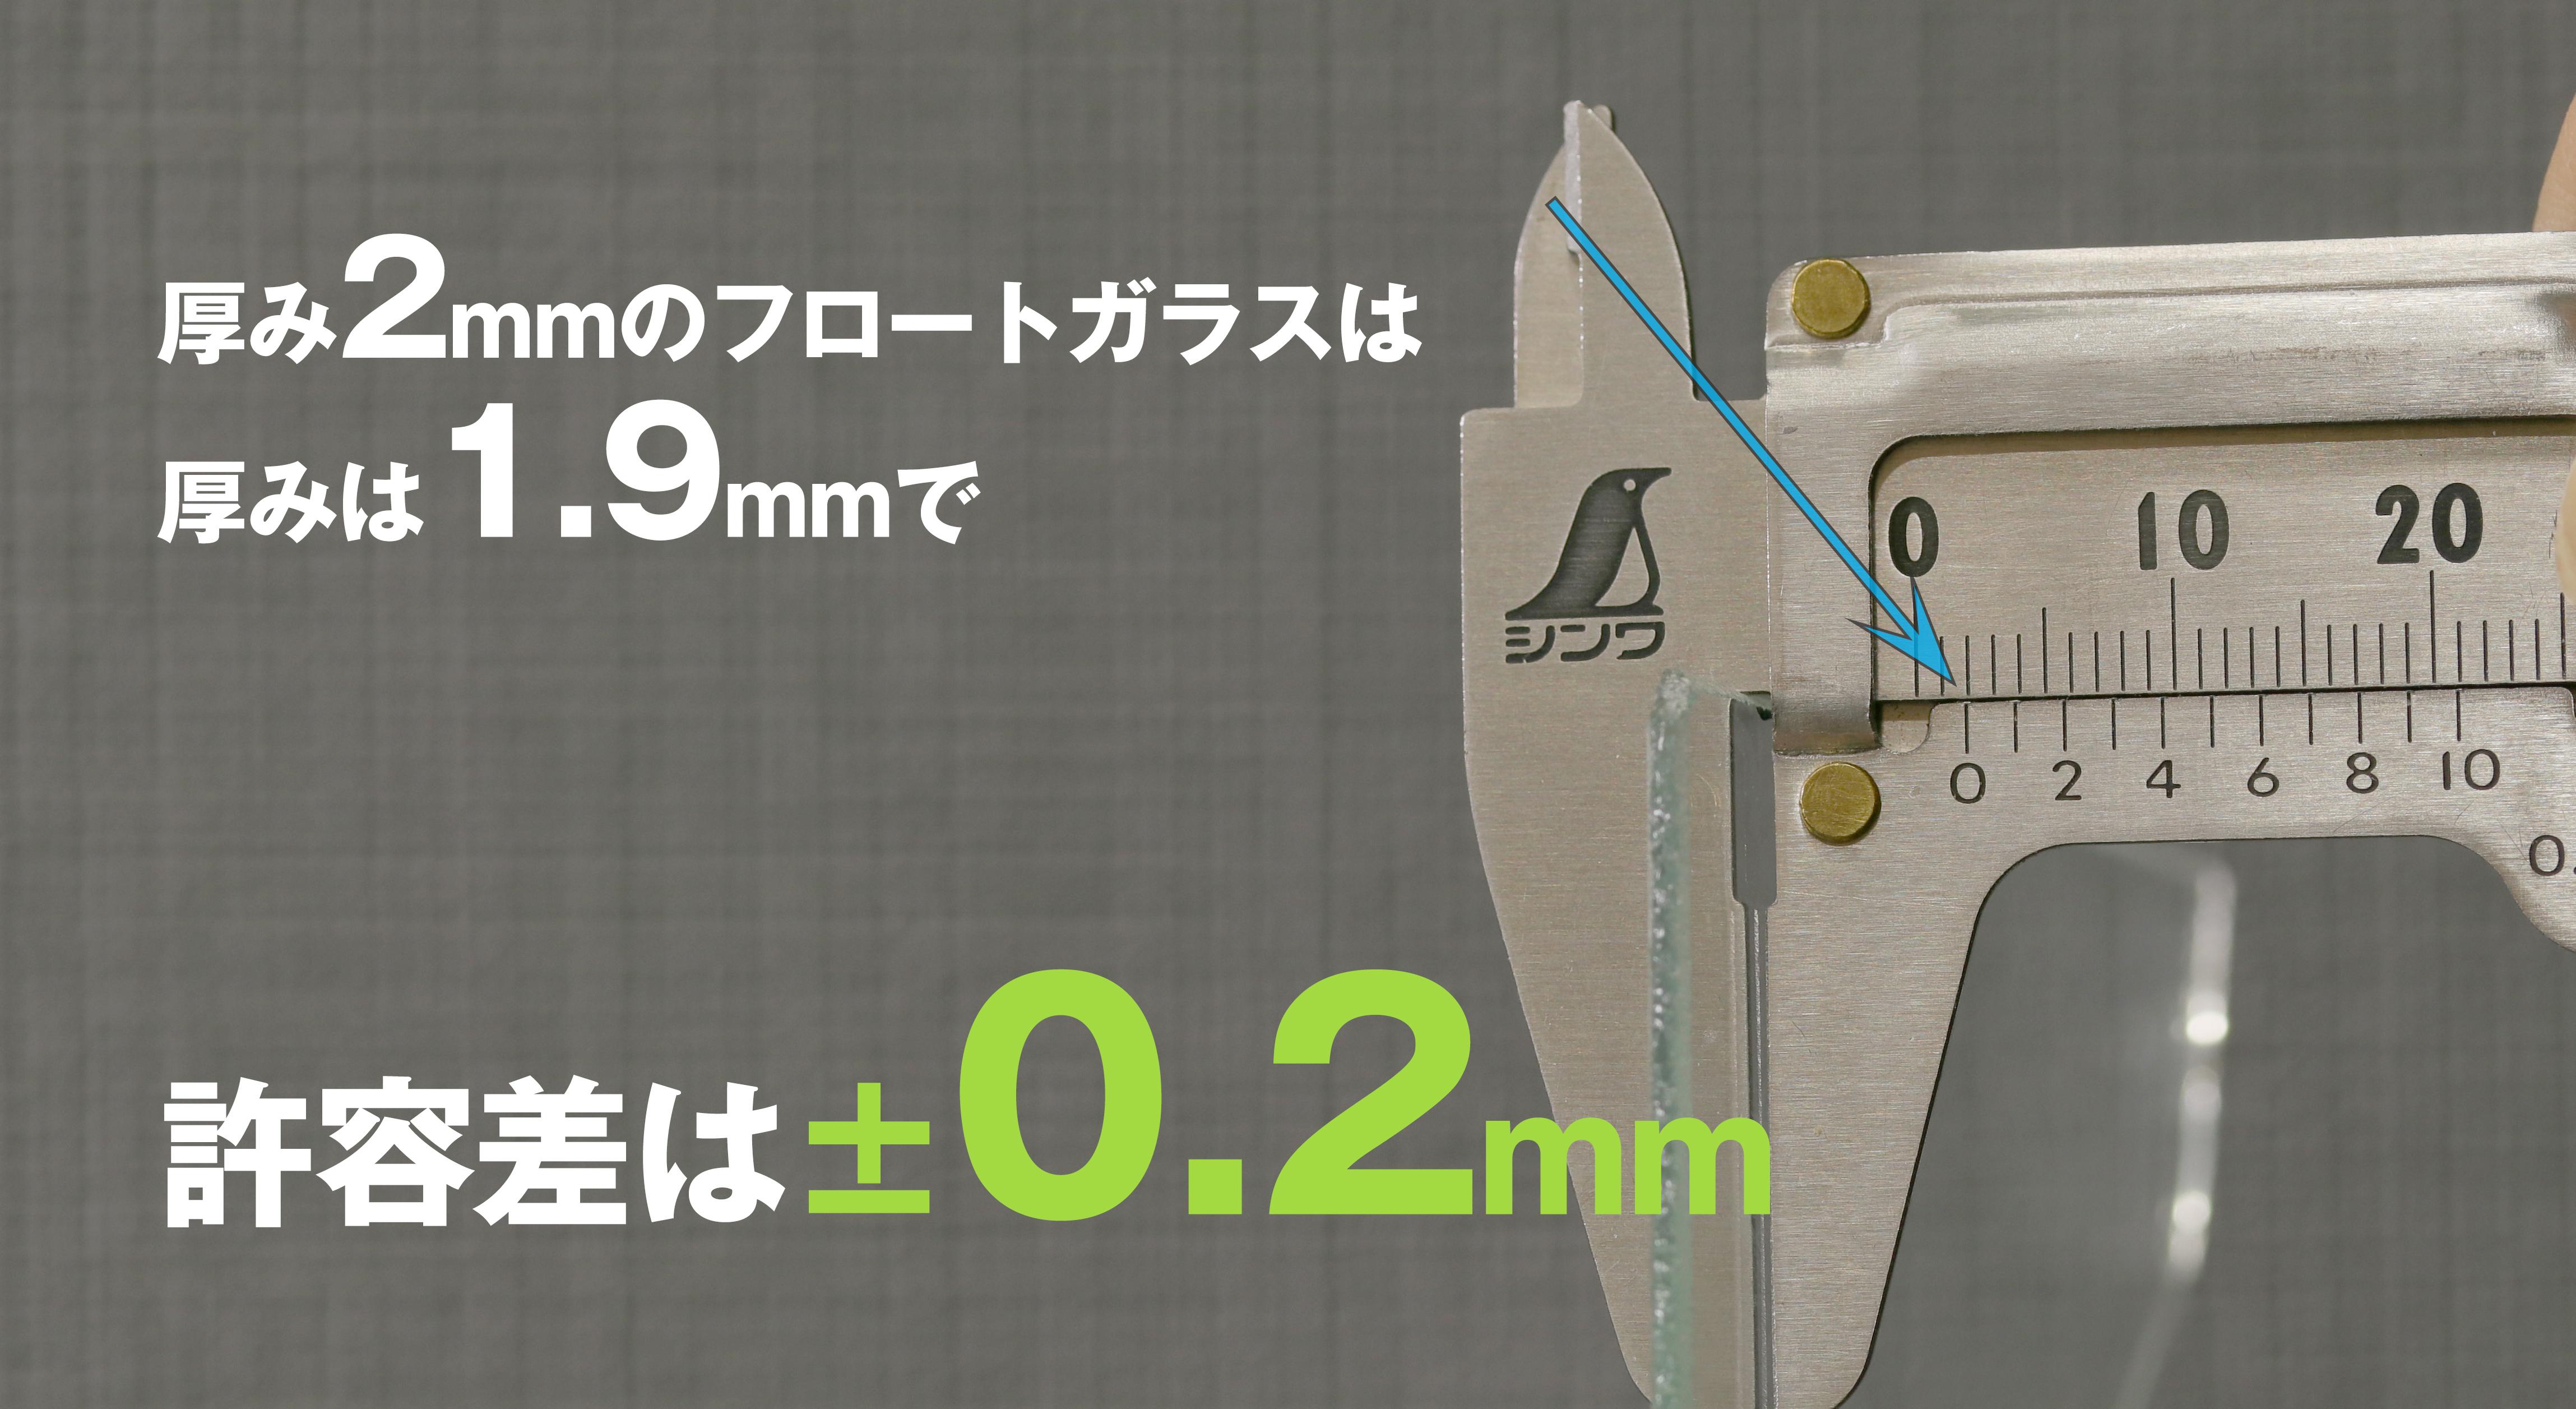 厚み2mmのフロートガラスは厚みは1.9mmで許容差は±0.2mm